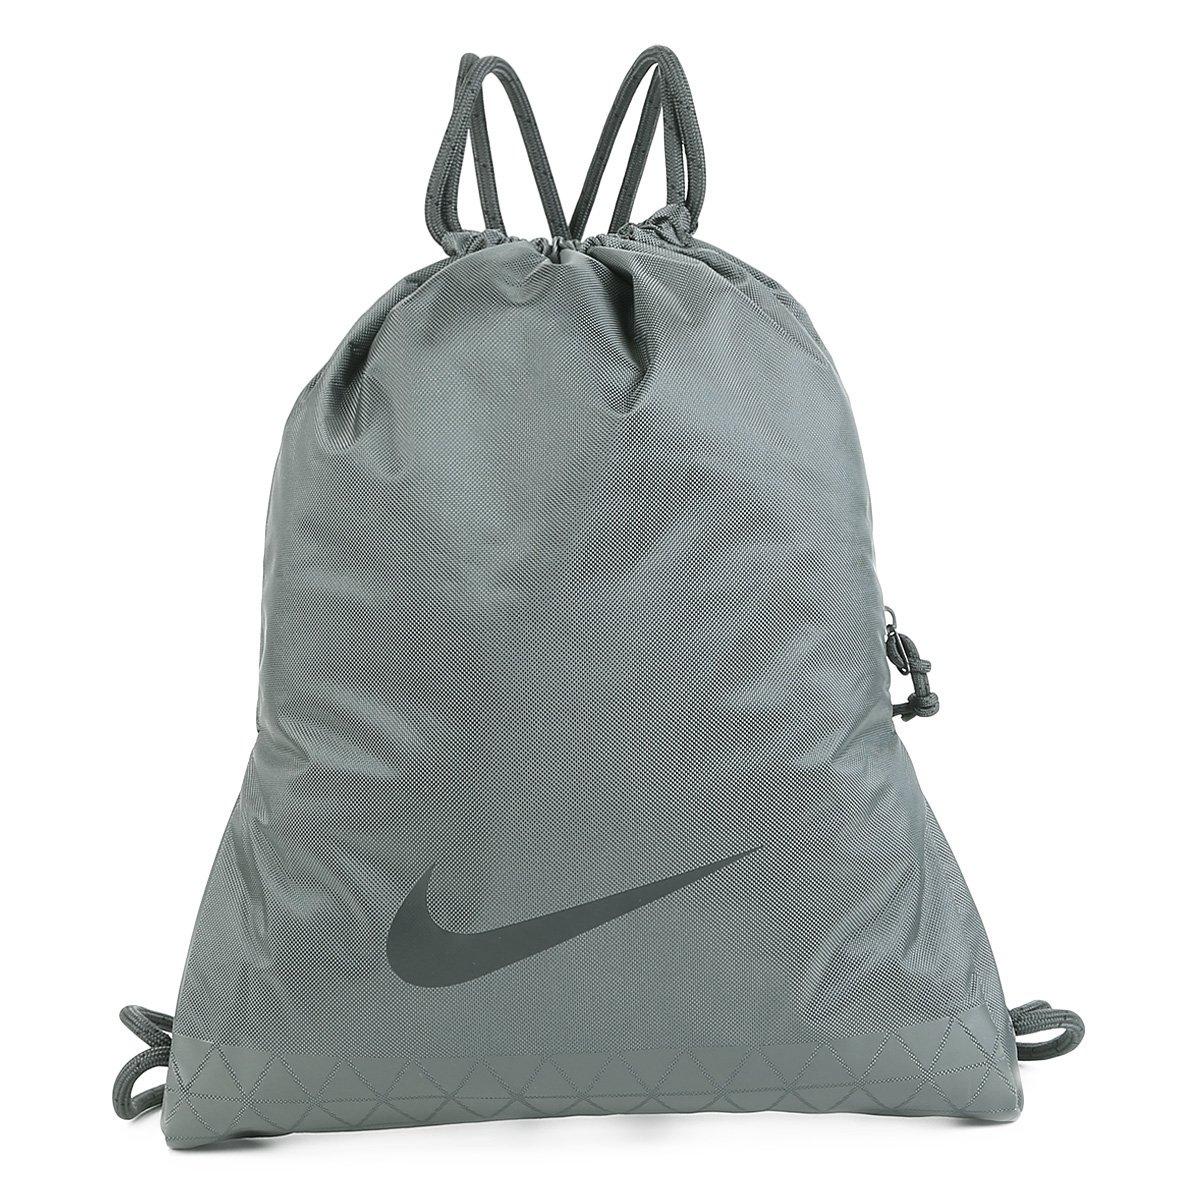 Grafite Sacola Gym 12 0 Litros Vapor 2 Nike N80wvmn